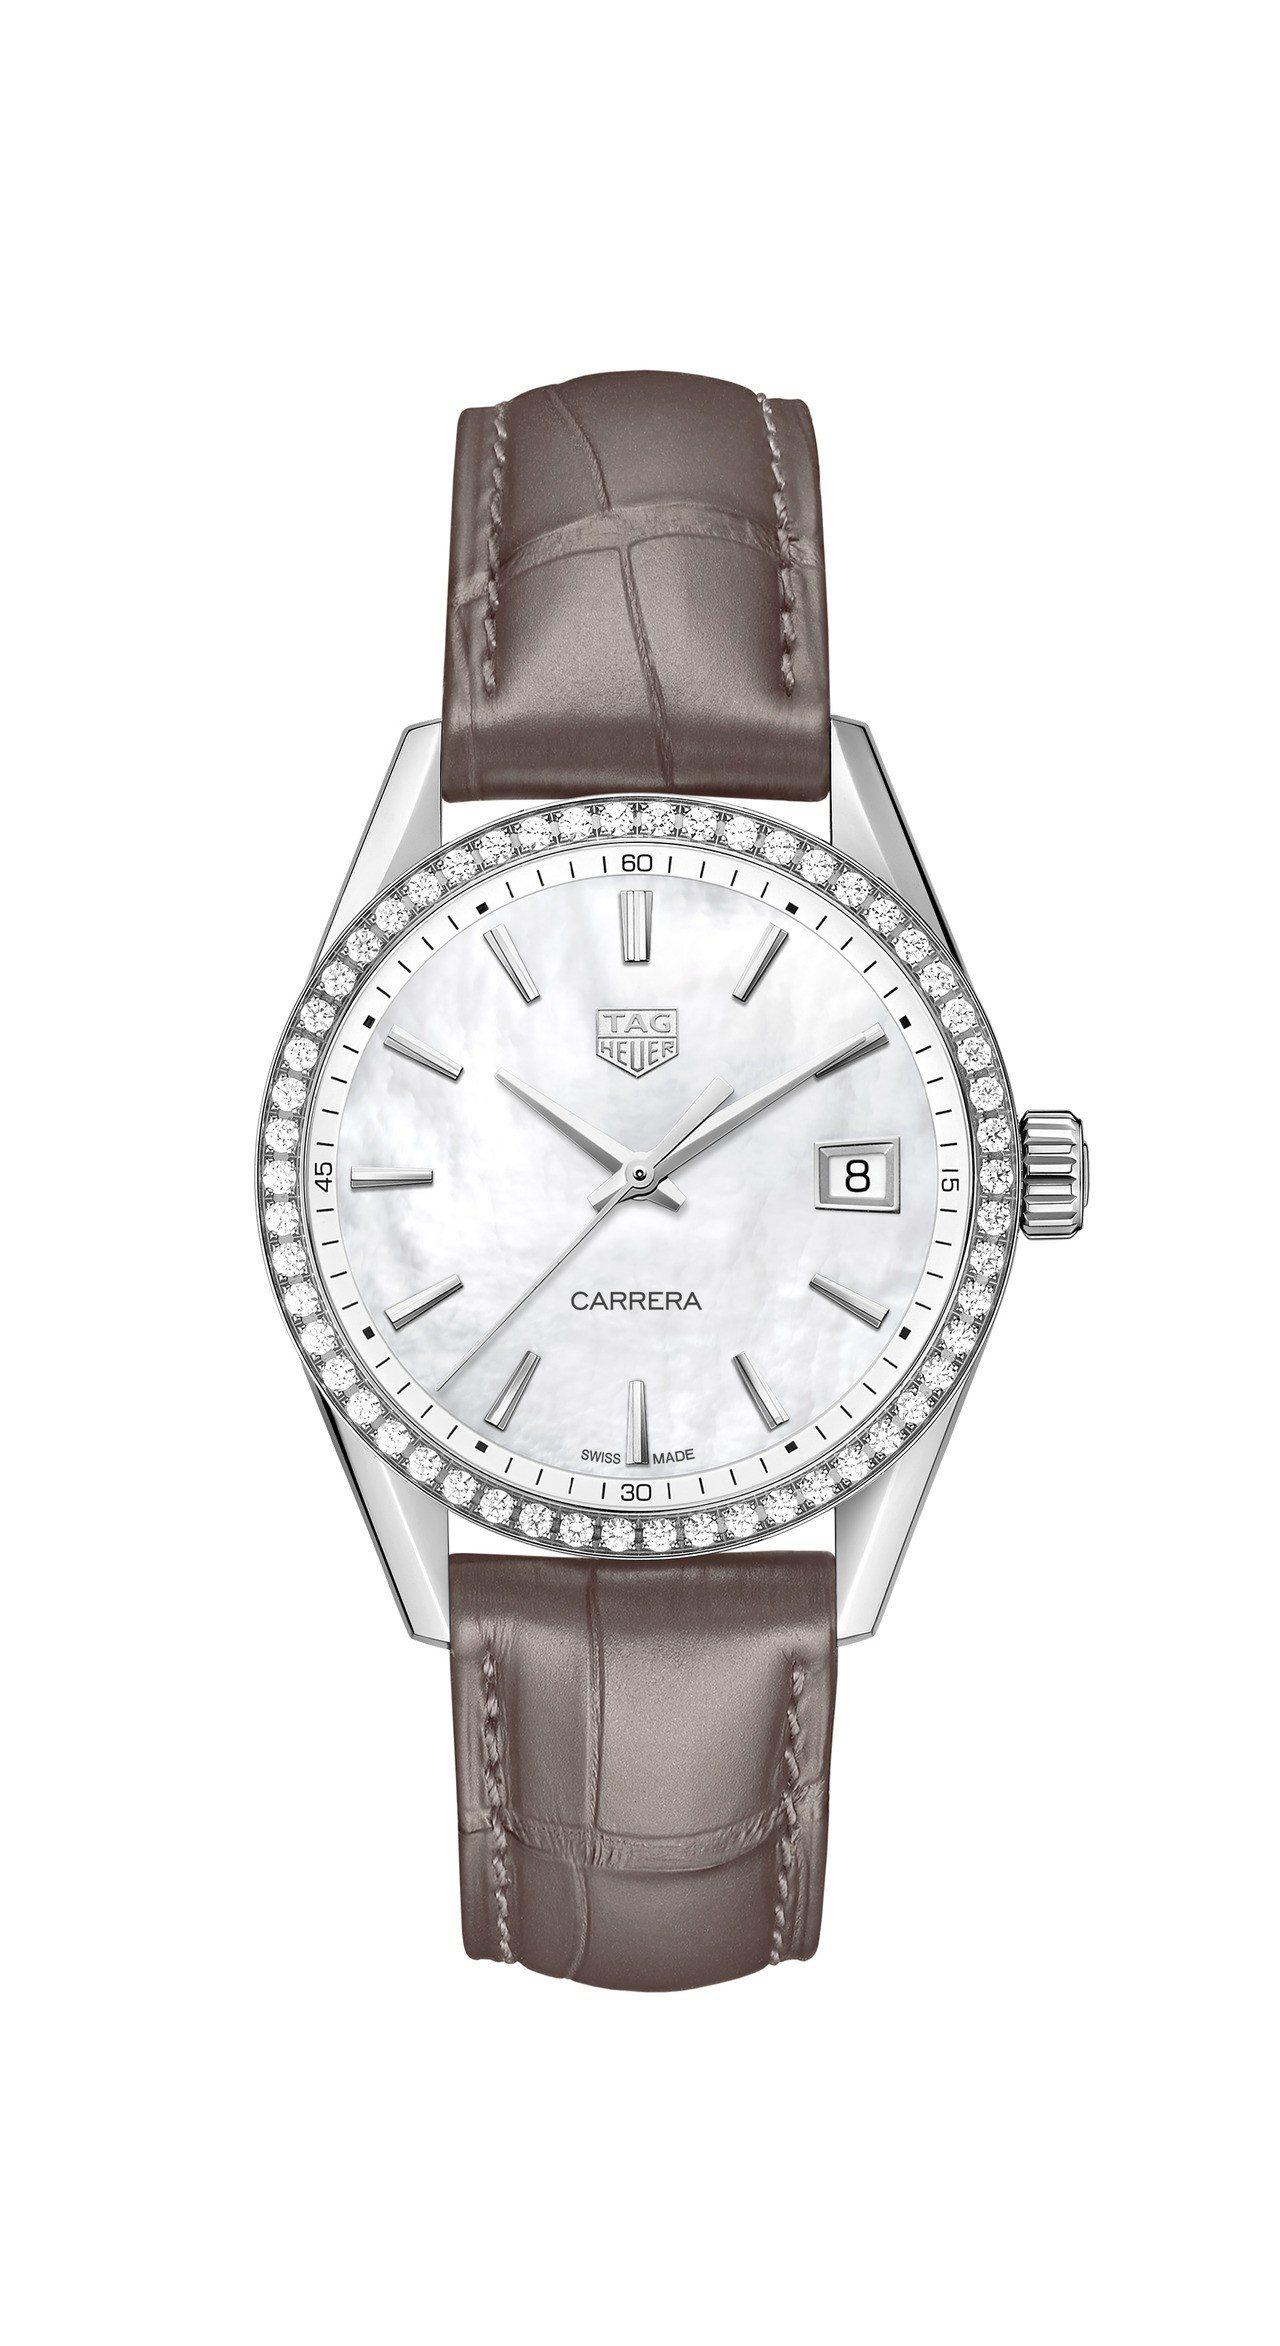 泰格豪雅Carrera Lady腕表,不鏽鋼表殼搭配珍珠母貝表盤、鑲鑽表圈,搭載...